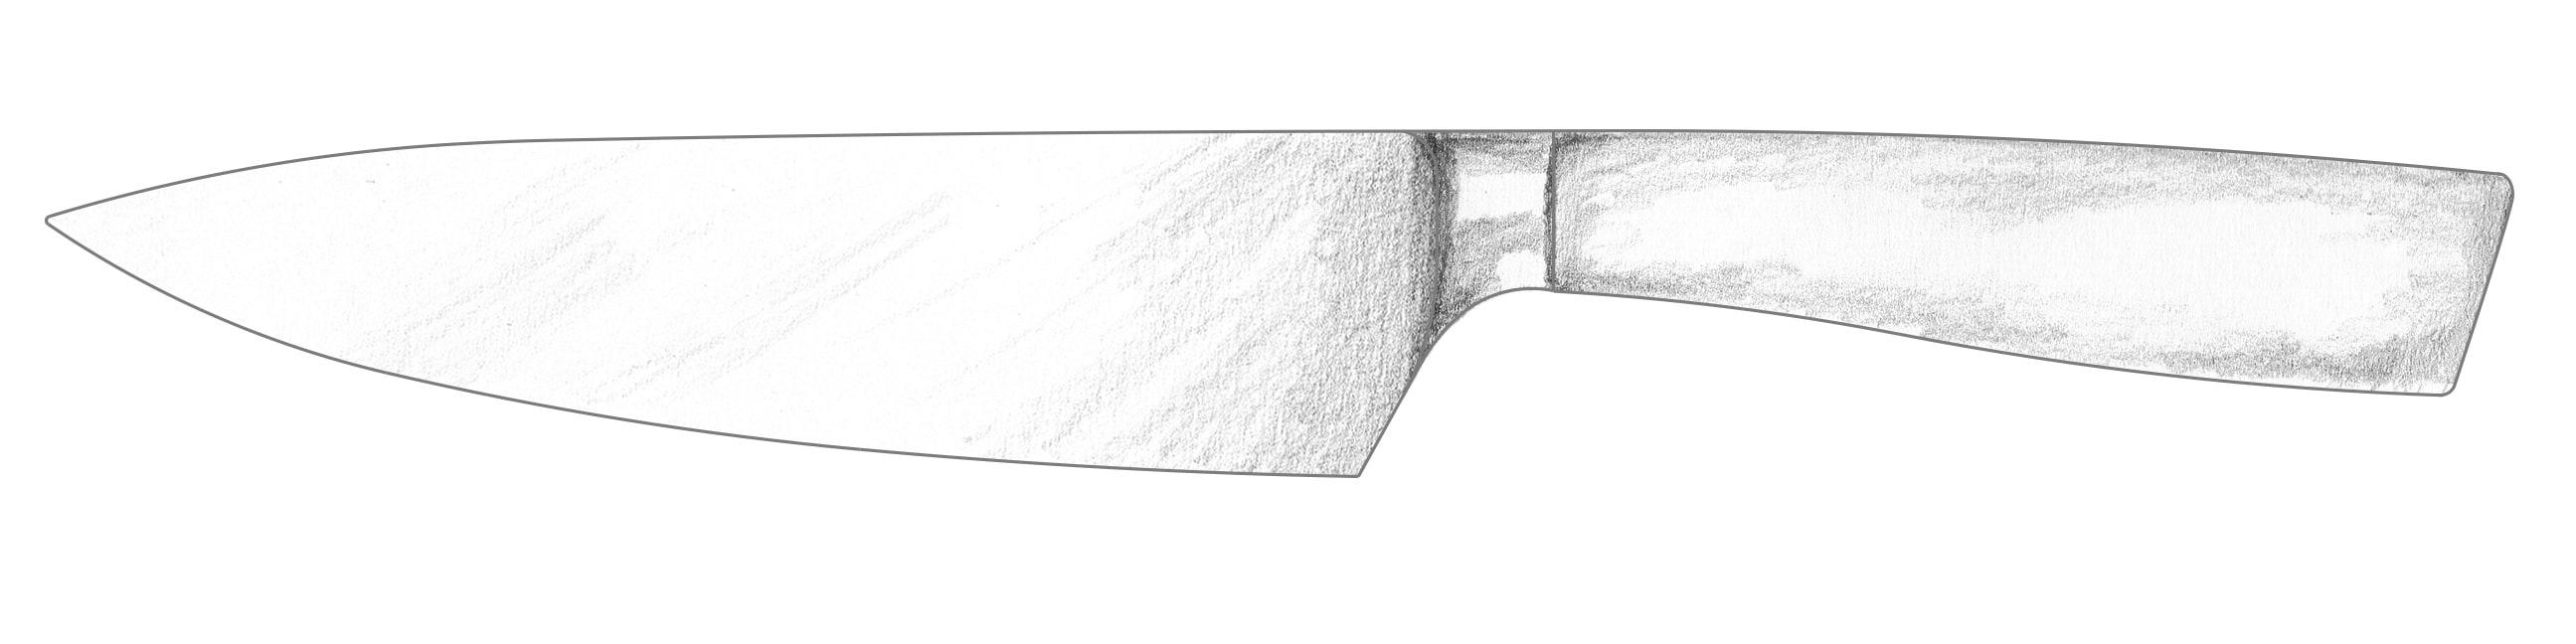 klingenform_kleineskochmesser